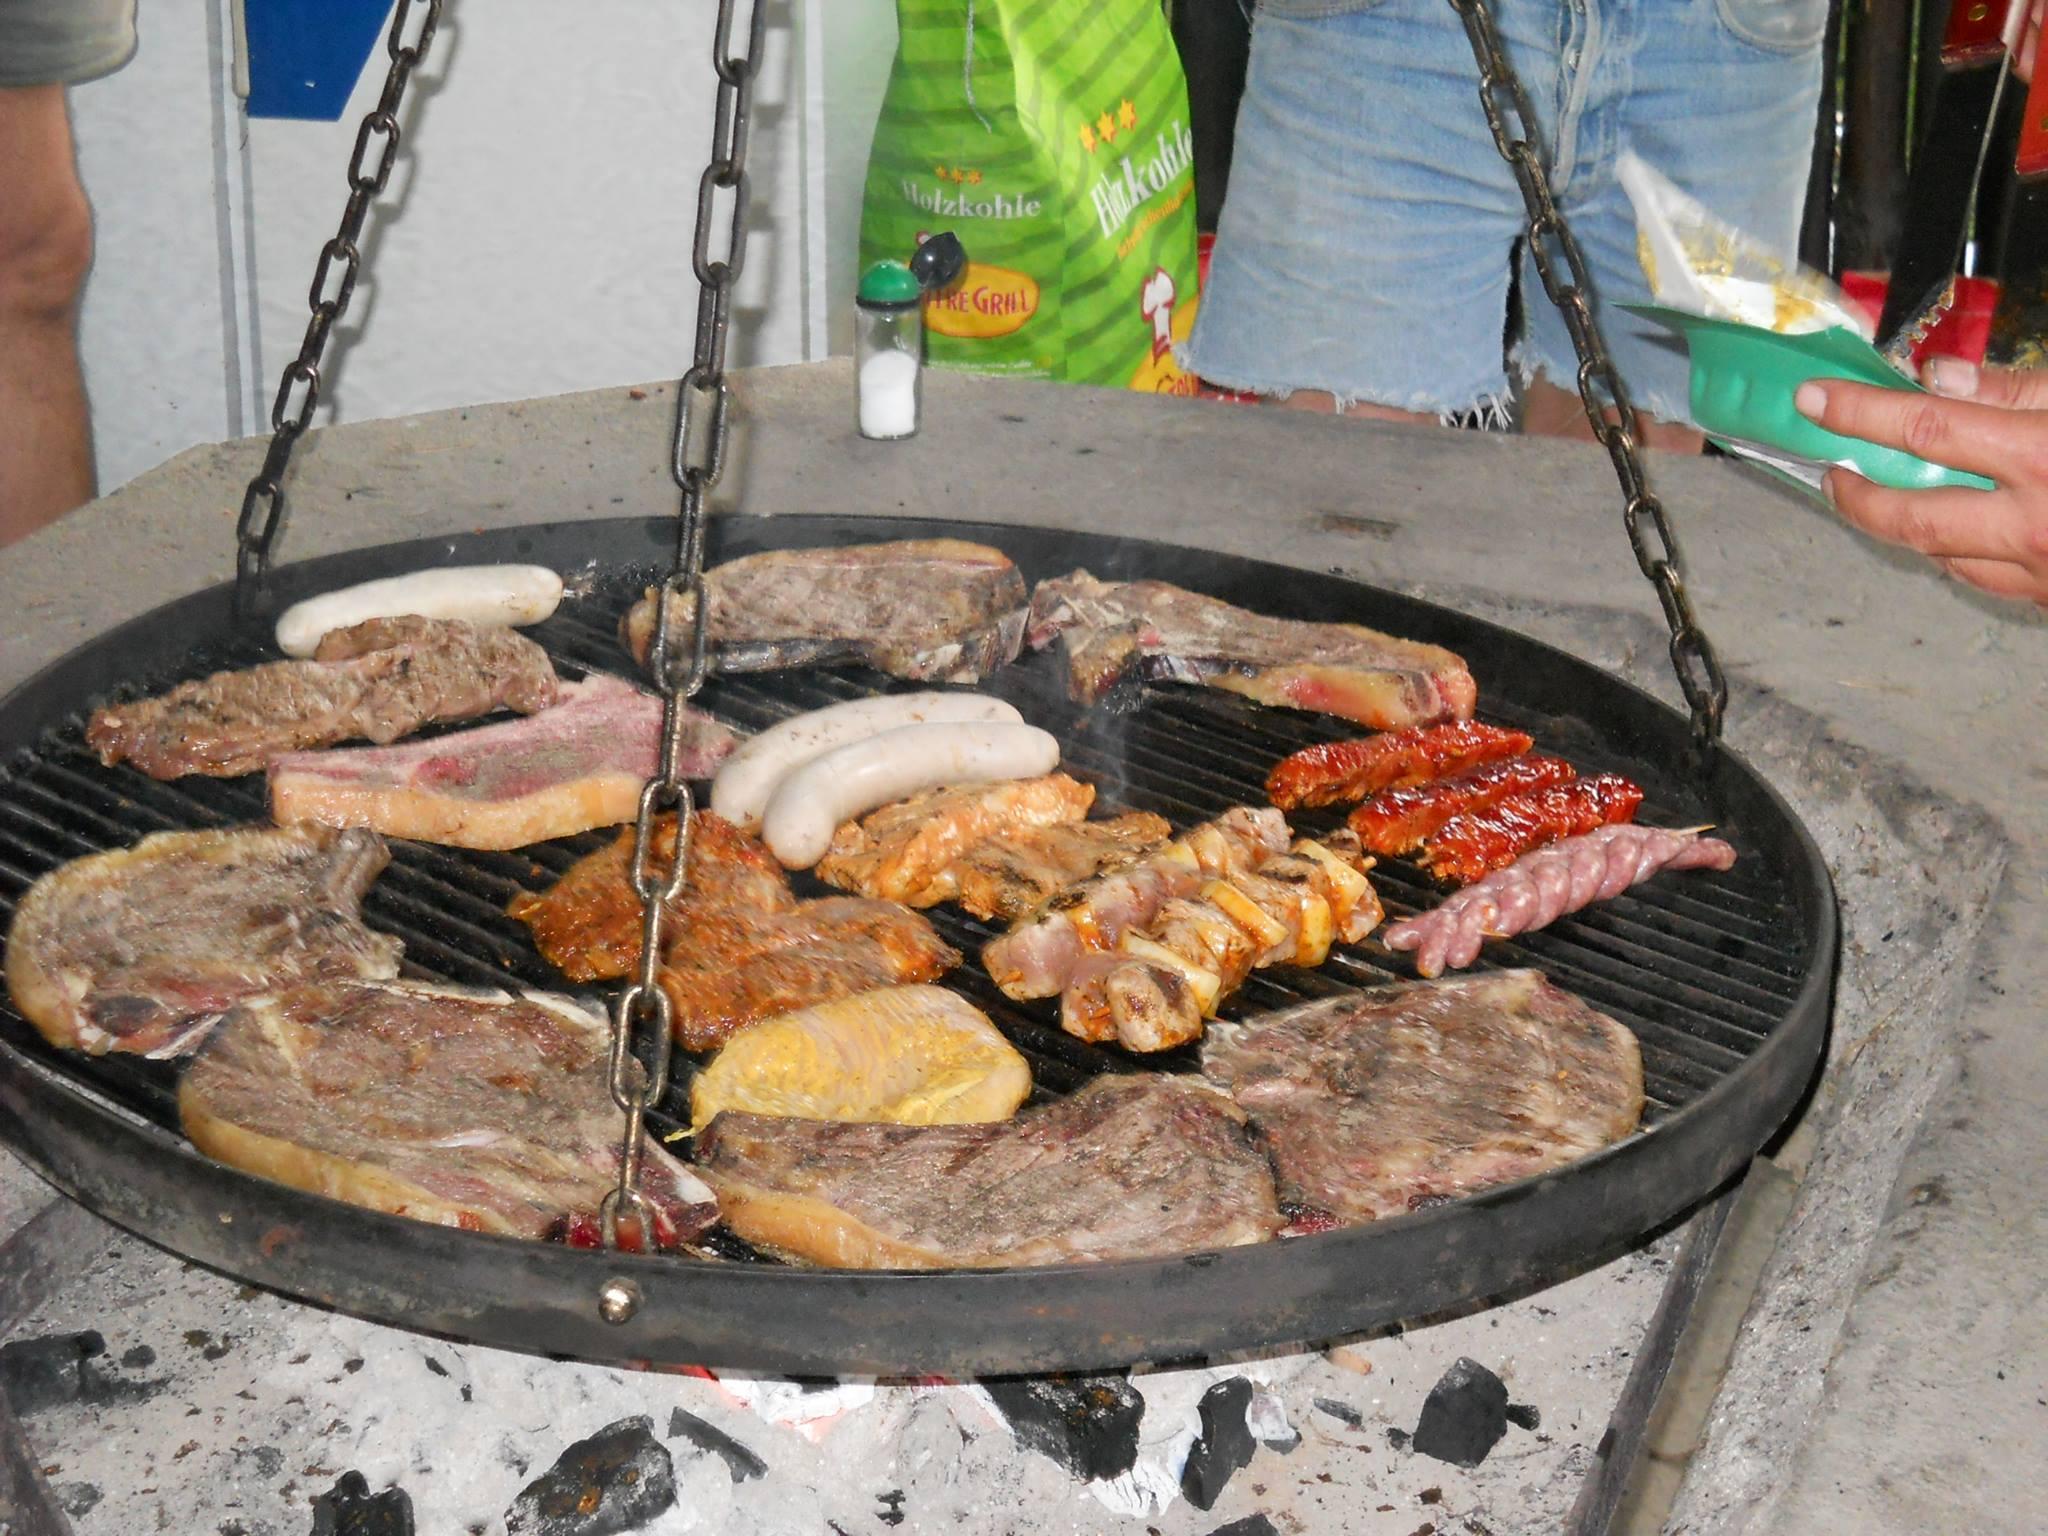 Dachzelt-Tour-Frankreich-Grill